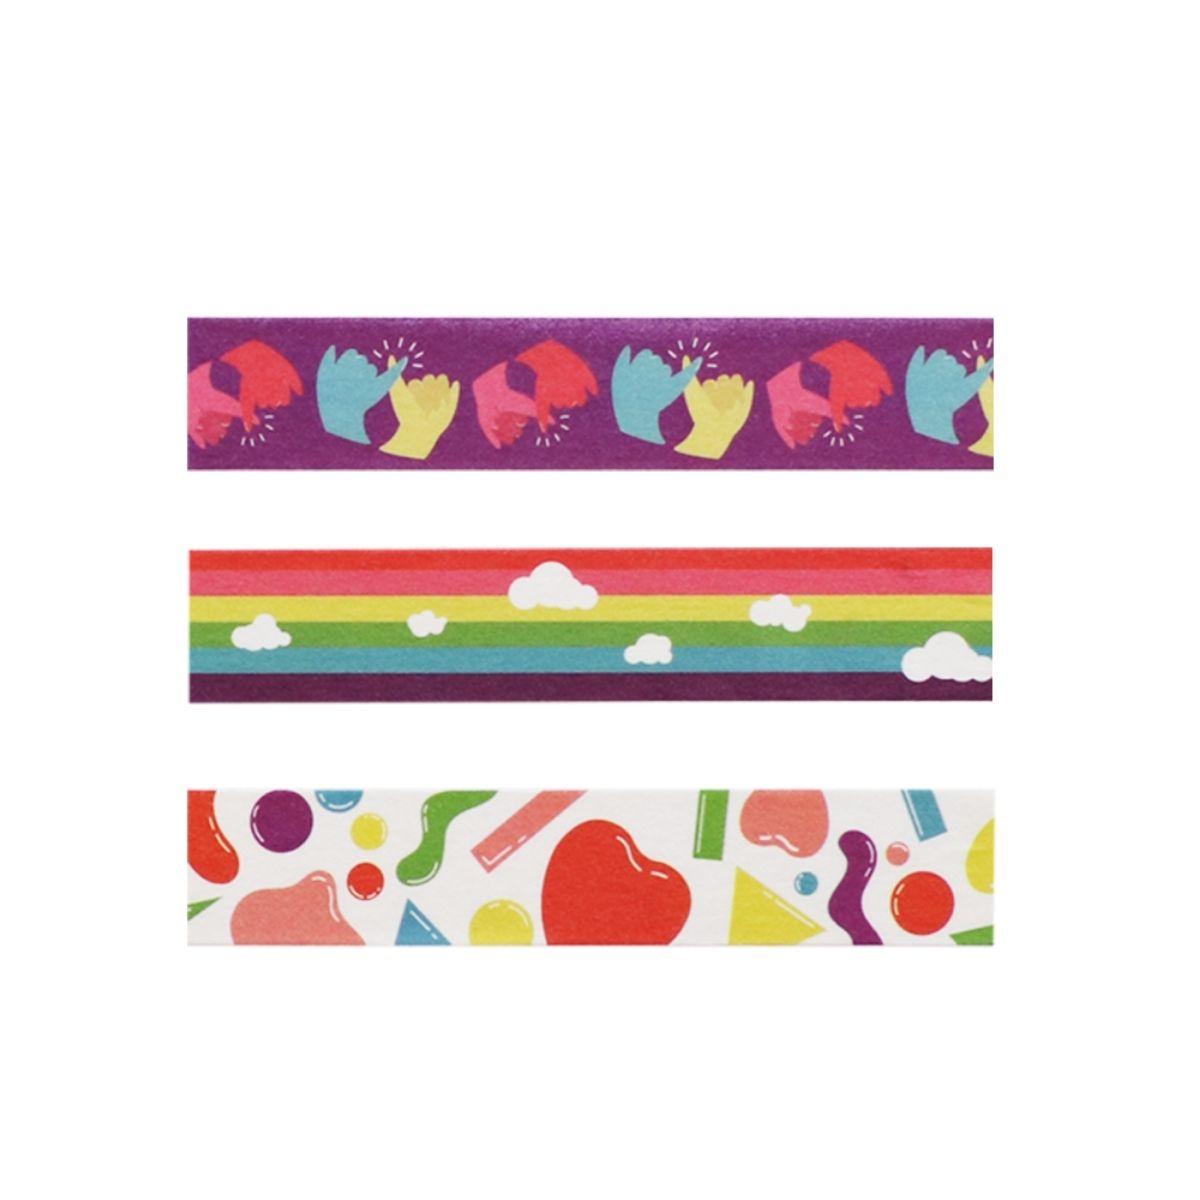 Fita Adesiva Decorada Washi Tape Love is Love Abstrato Leo Arte